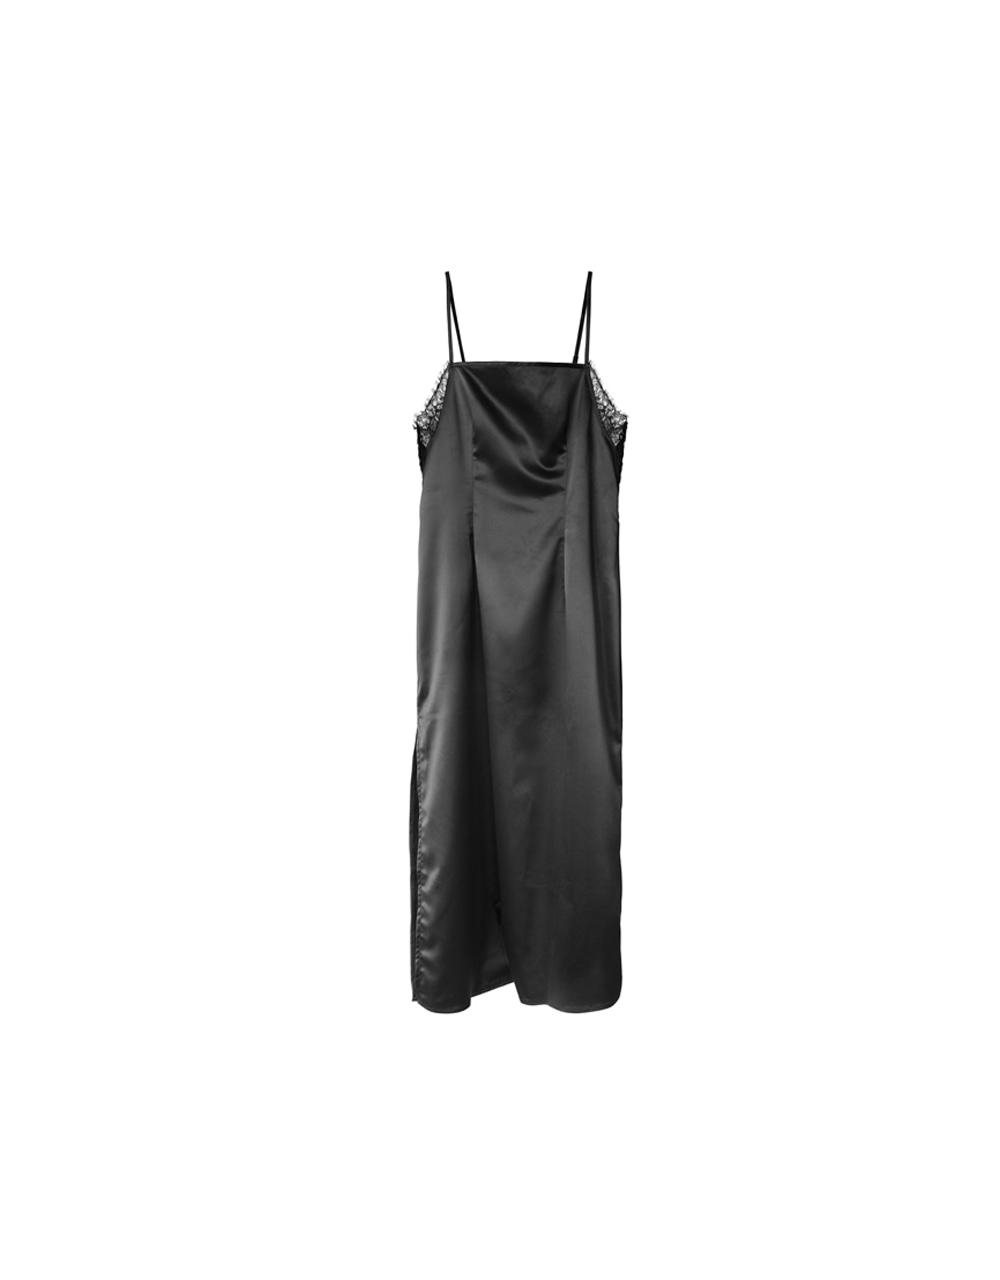 lingerie  Charlie Dress Noir Storm 45 € Girls In Paris photo 6